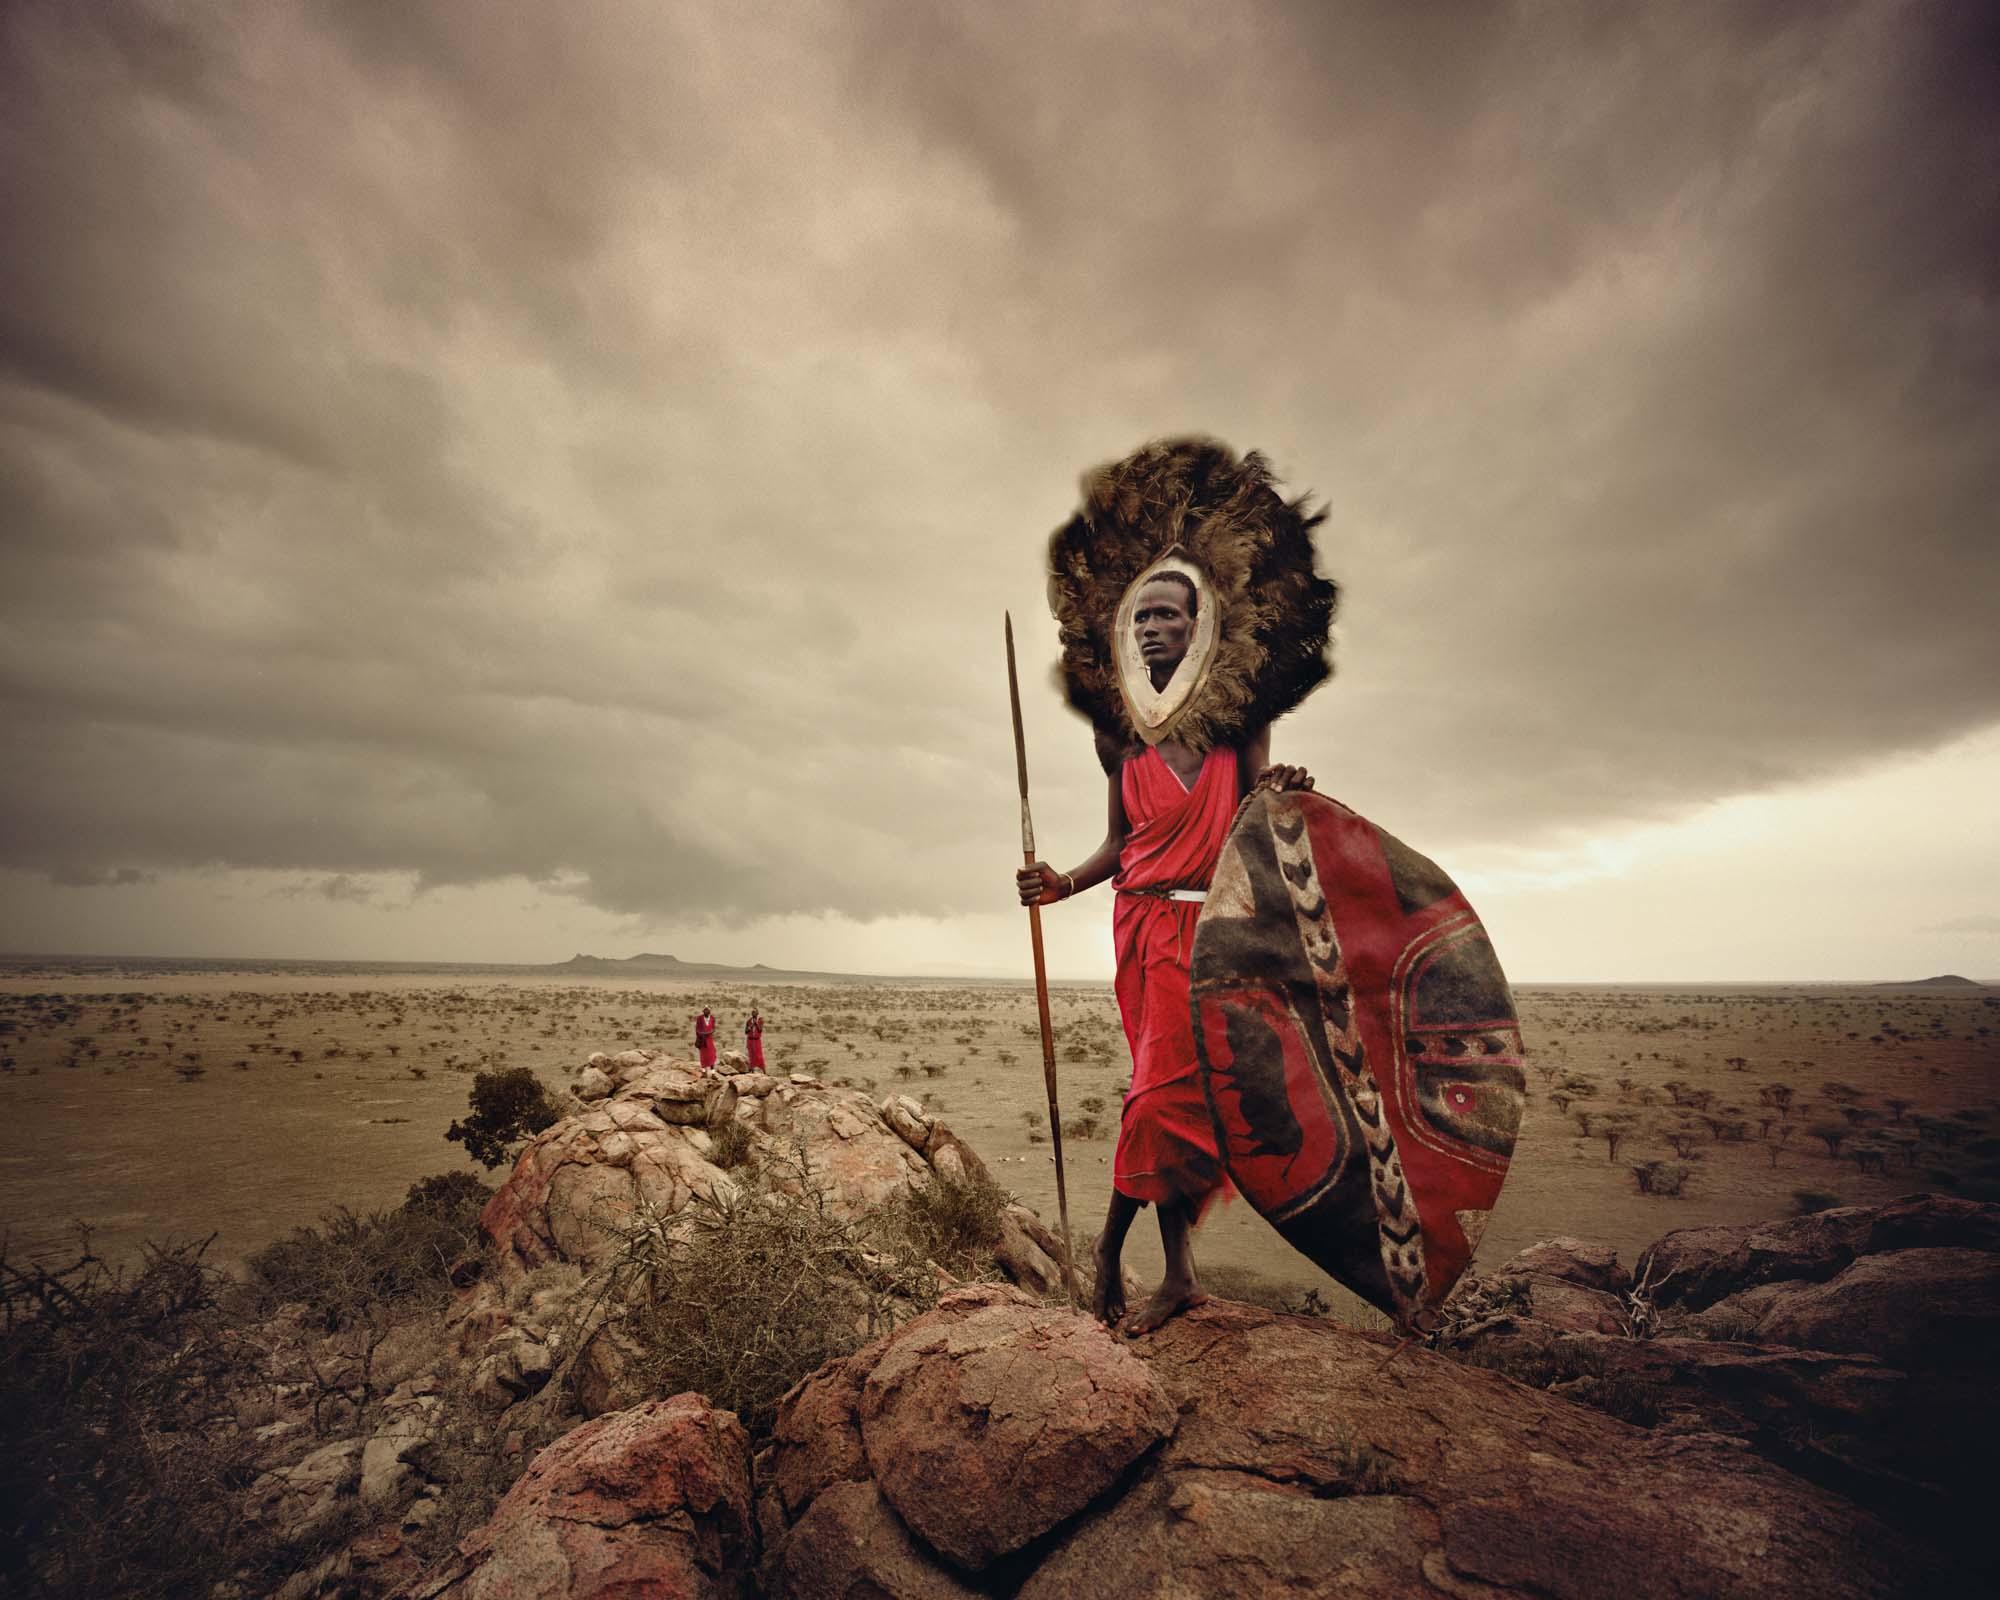 sarbore-serengeti-tanzania-jimmy-nelson